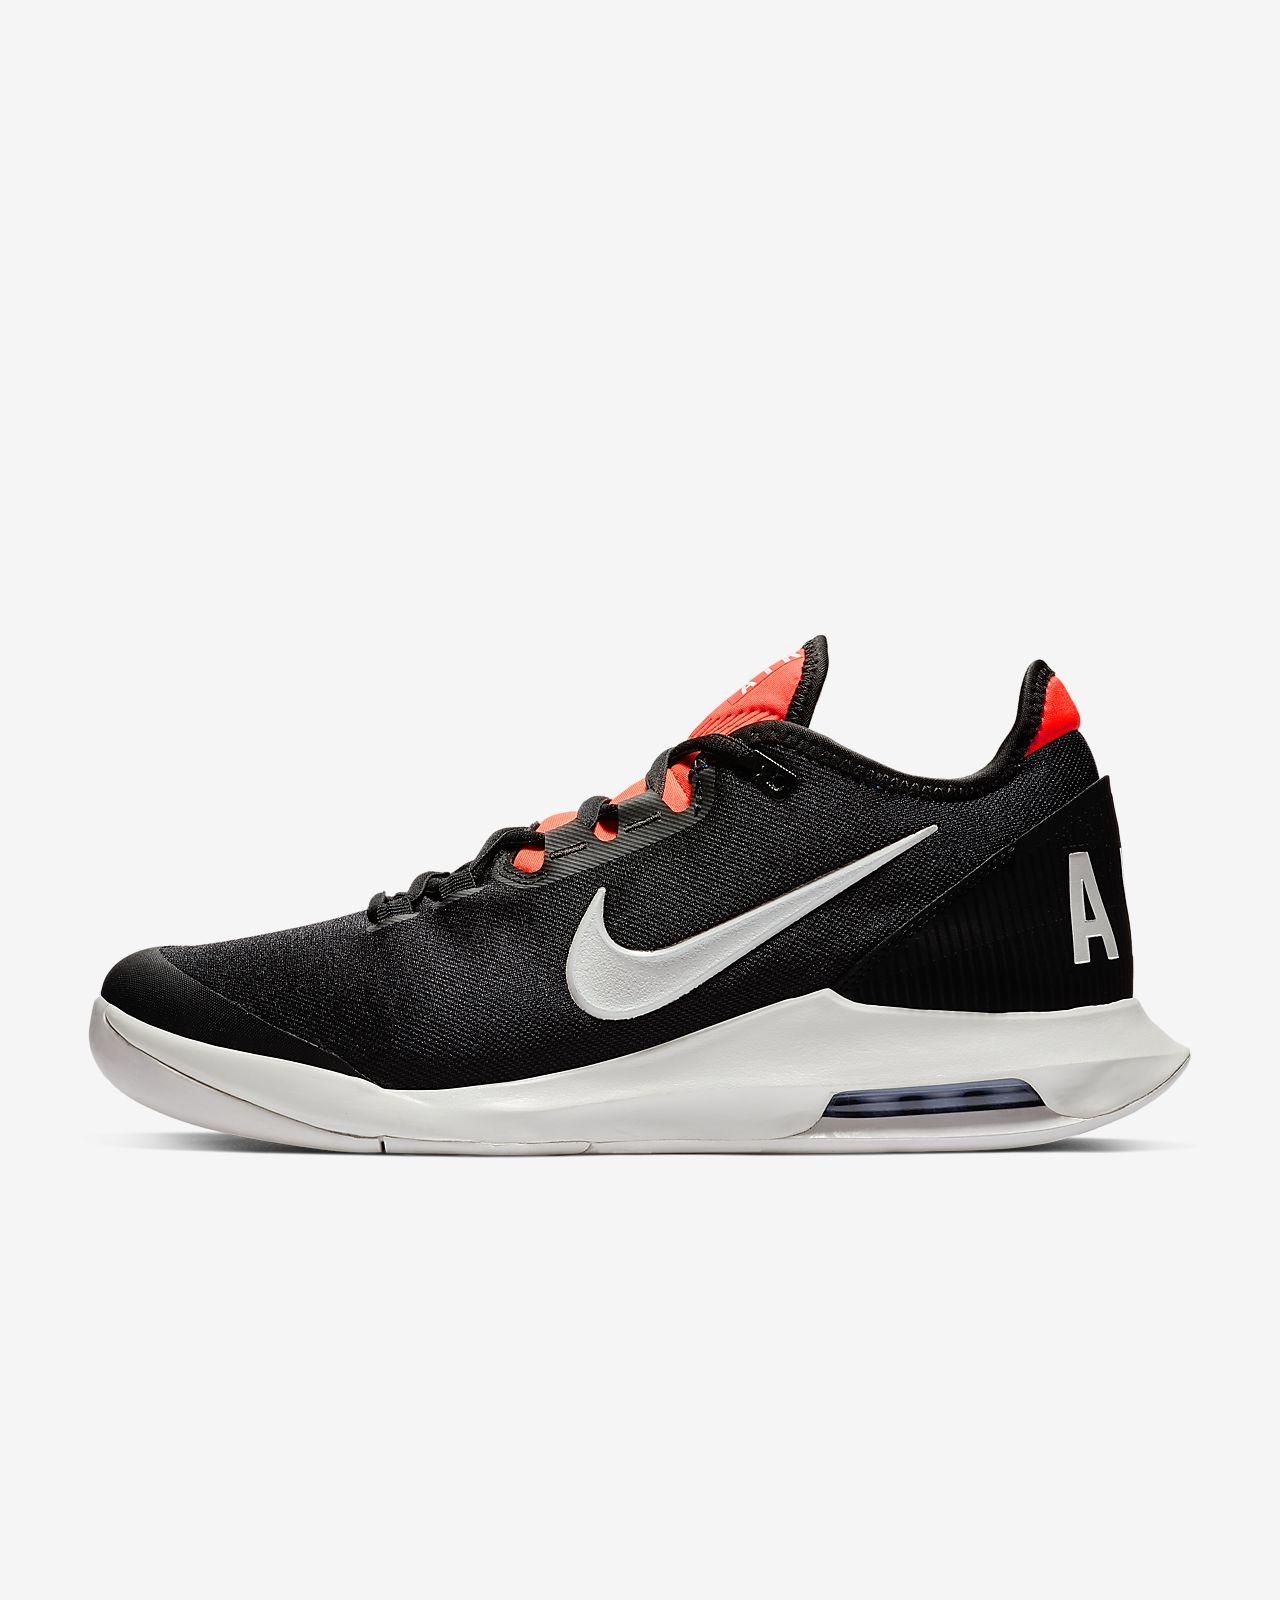 nike air max tennis shoes